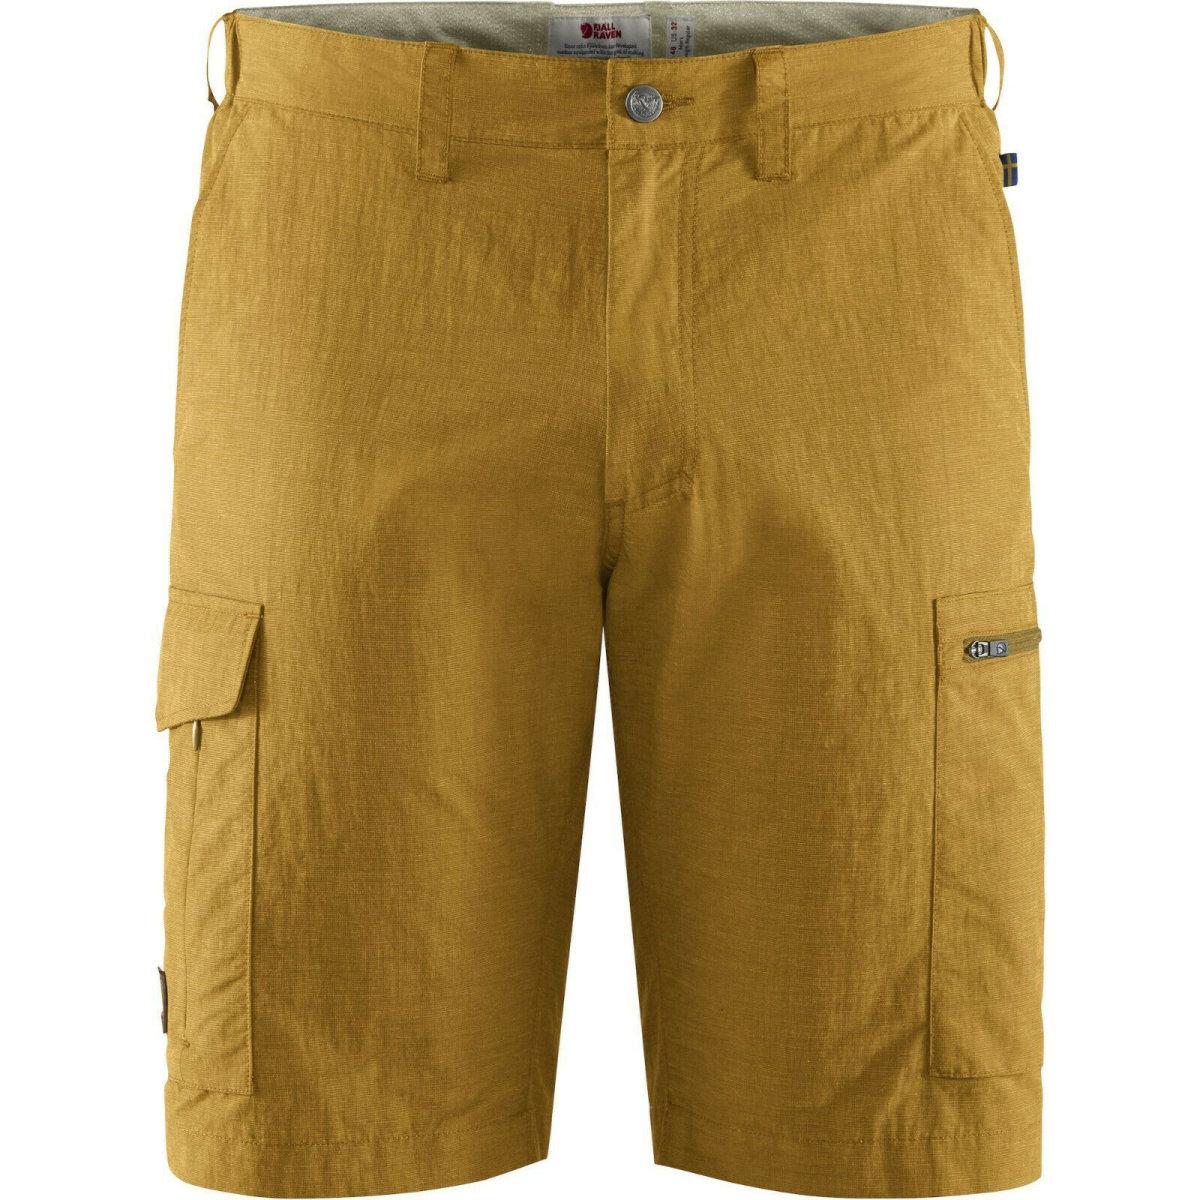 Fjällräven Travellers MT Shorts 84756 ochre MT-Eco Shorts Wanderhose Reisehose 48